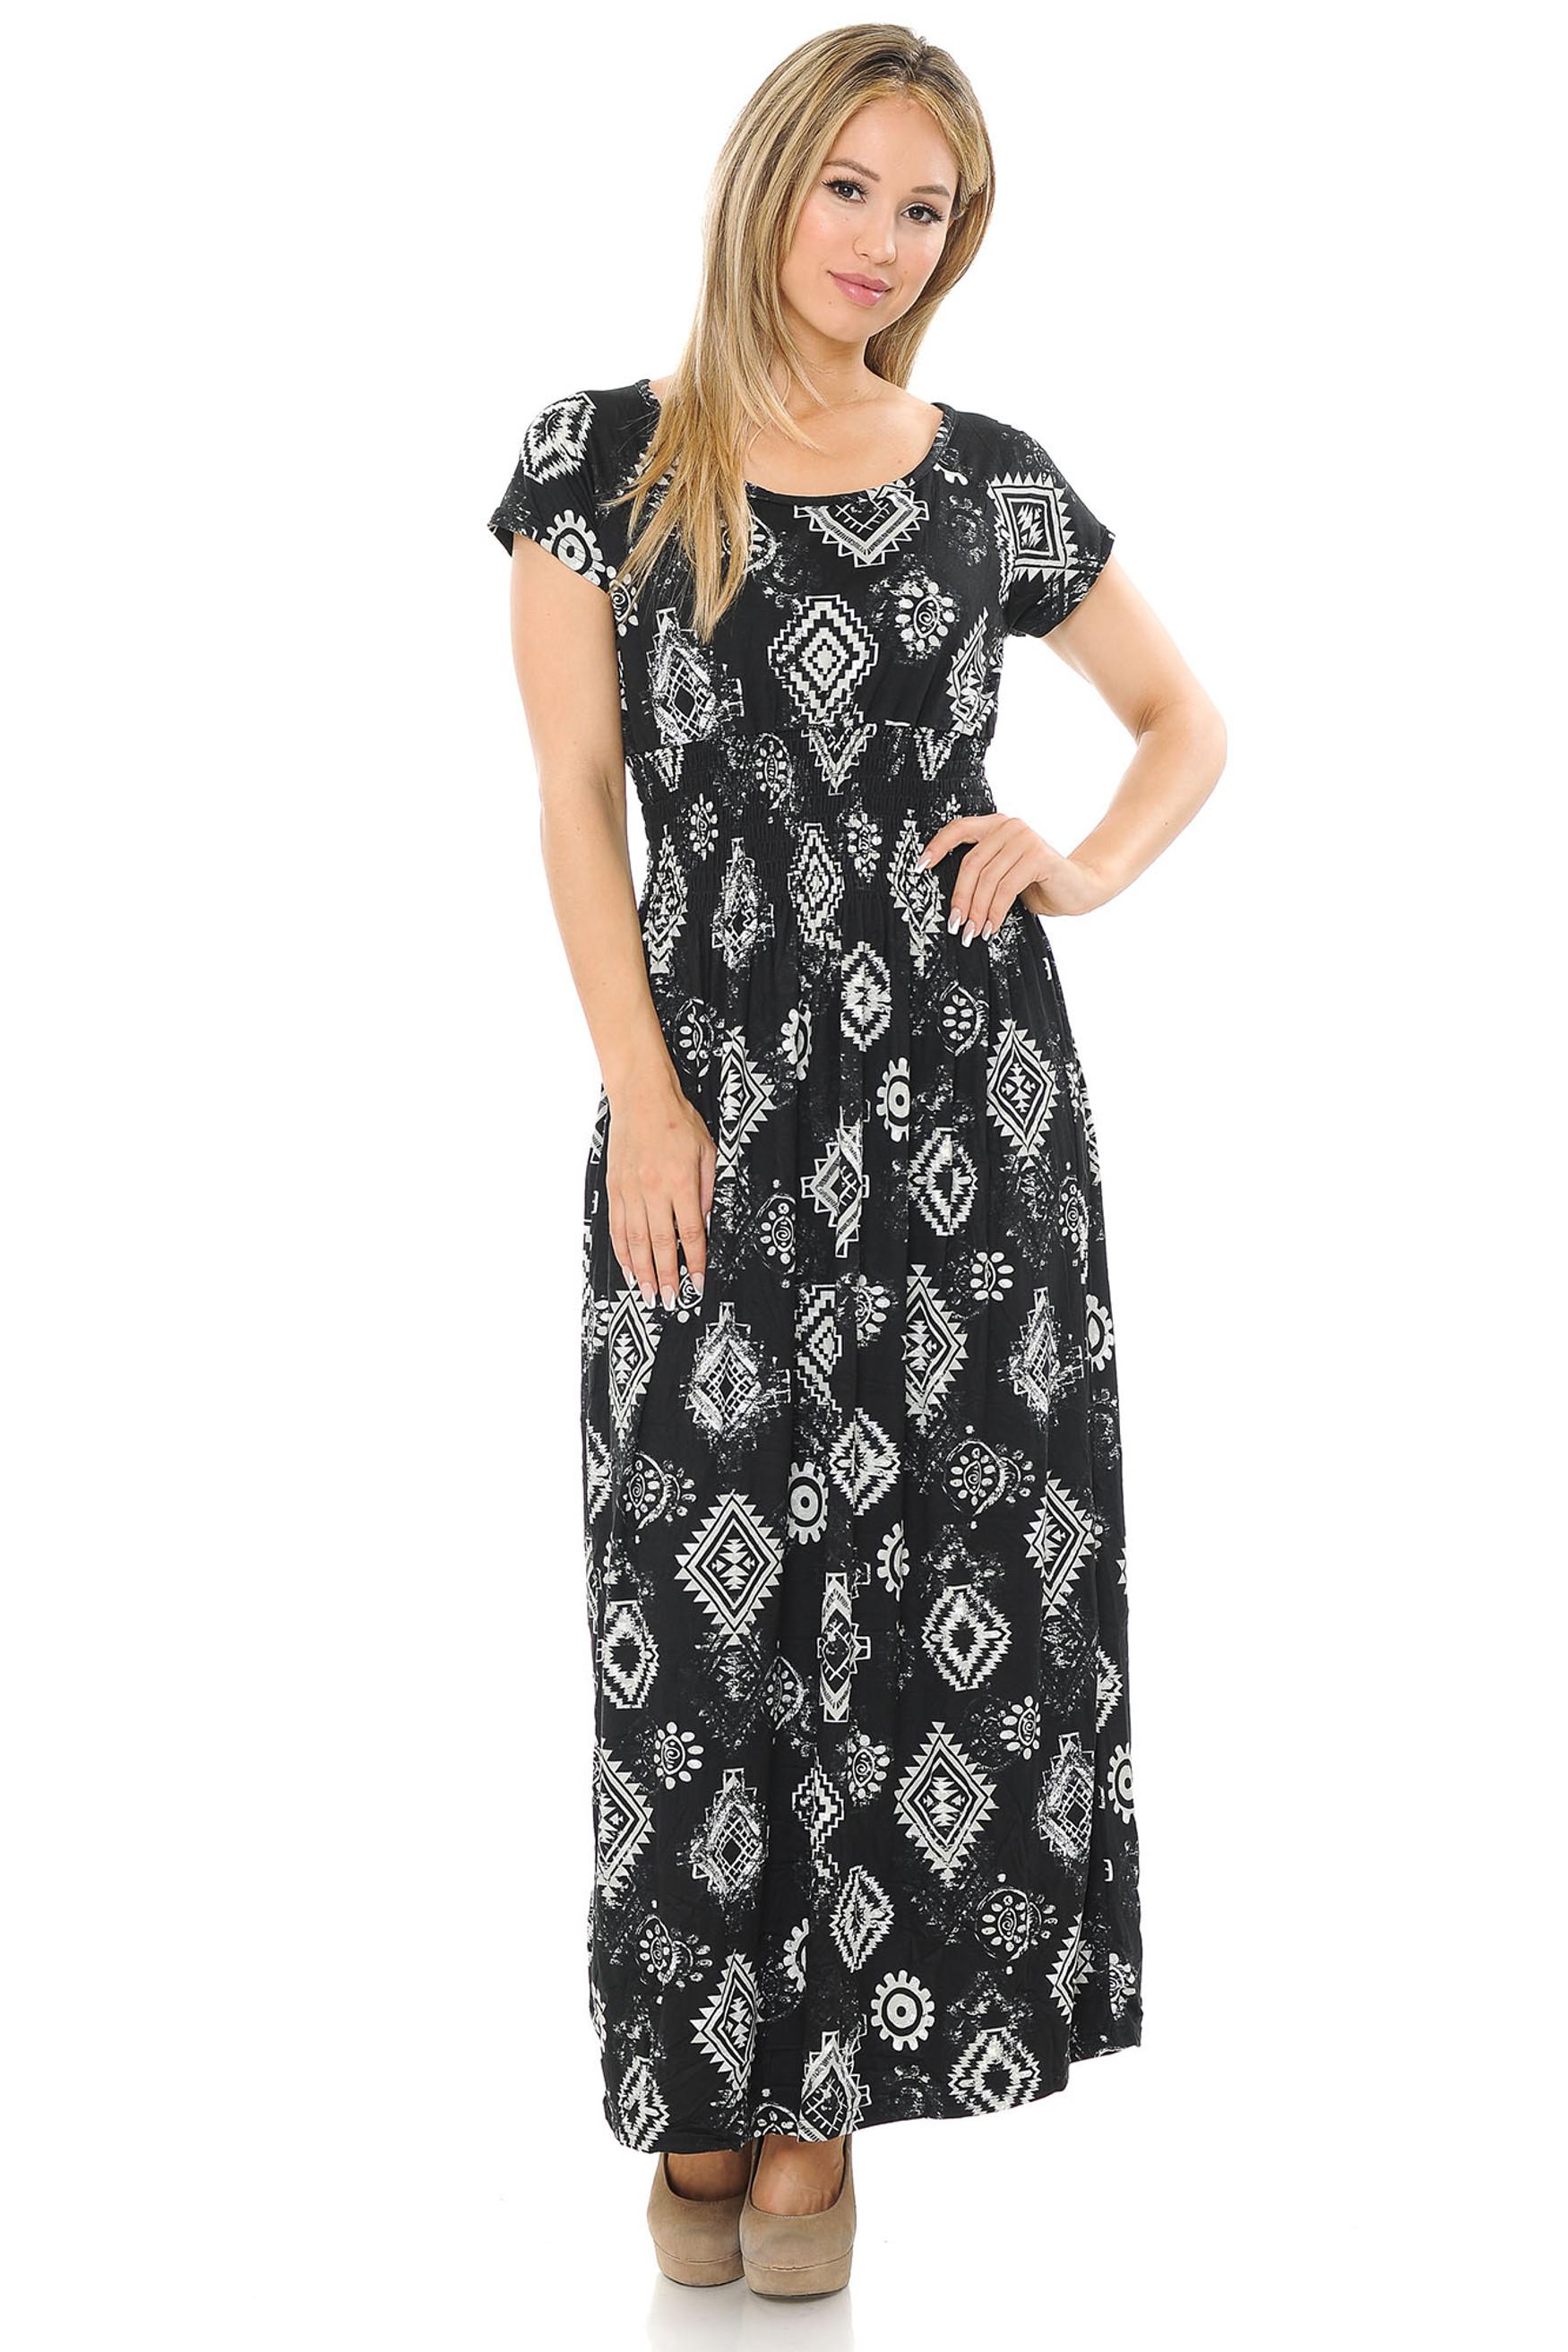 Soft Brushed Short Sleeve Regalia Tribal Maxi Dress